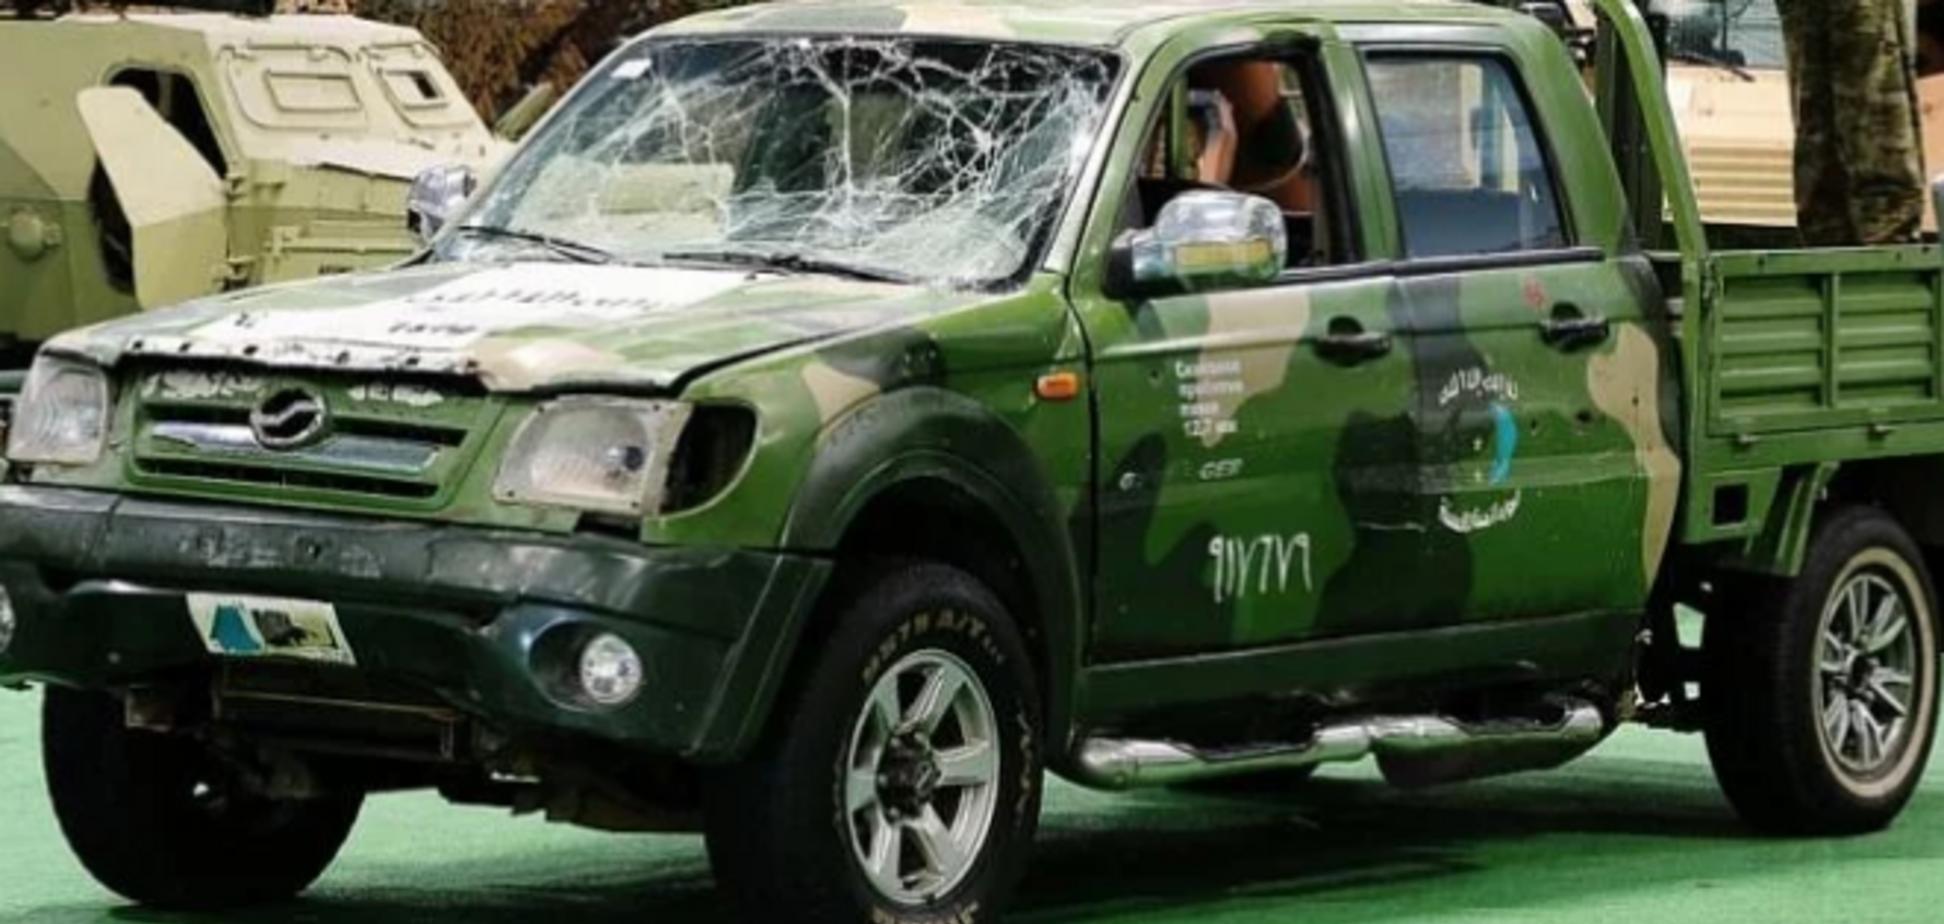 Росіяни 'озброять' Крим технікою сирійських бойовиків: що відомо